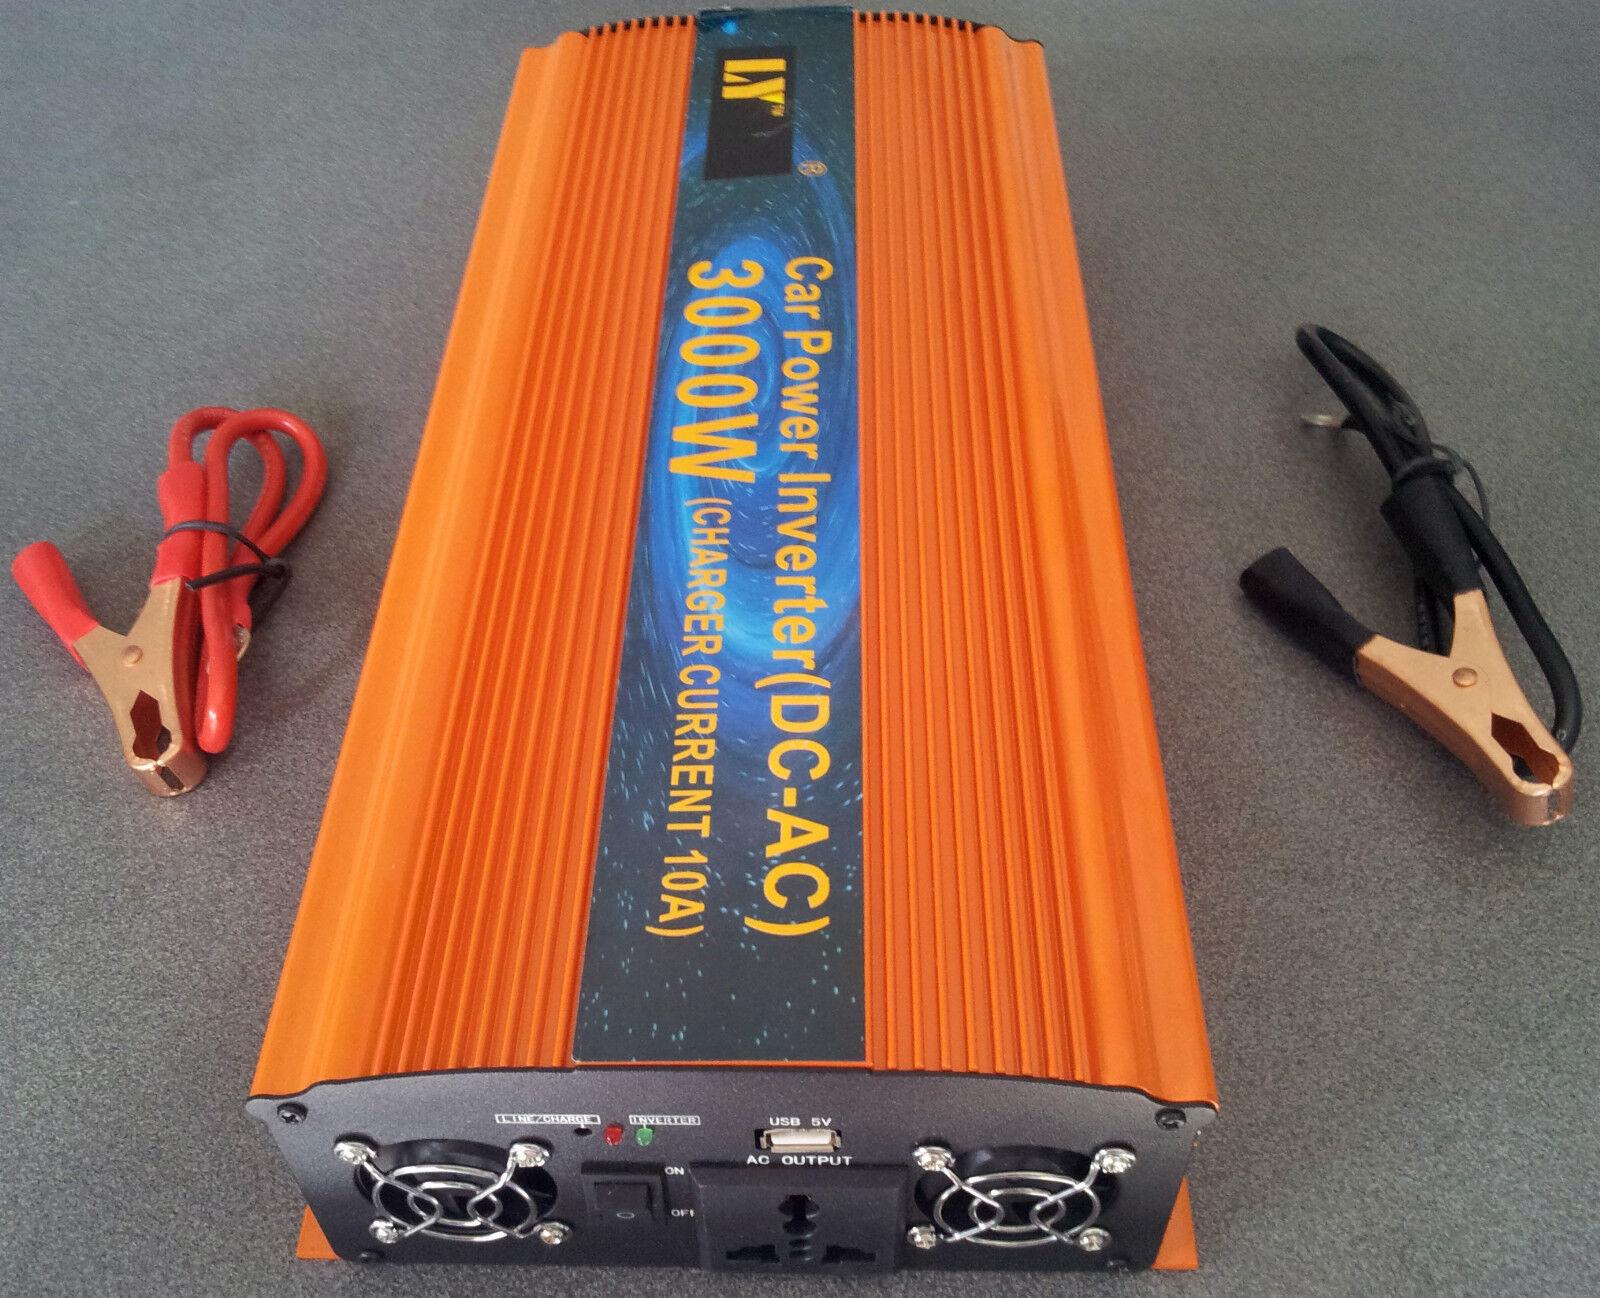 Converter inverter voiture 12v to 220v 3000w inverter dc-ac inverter